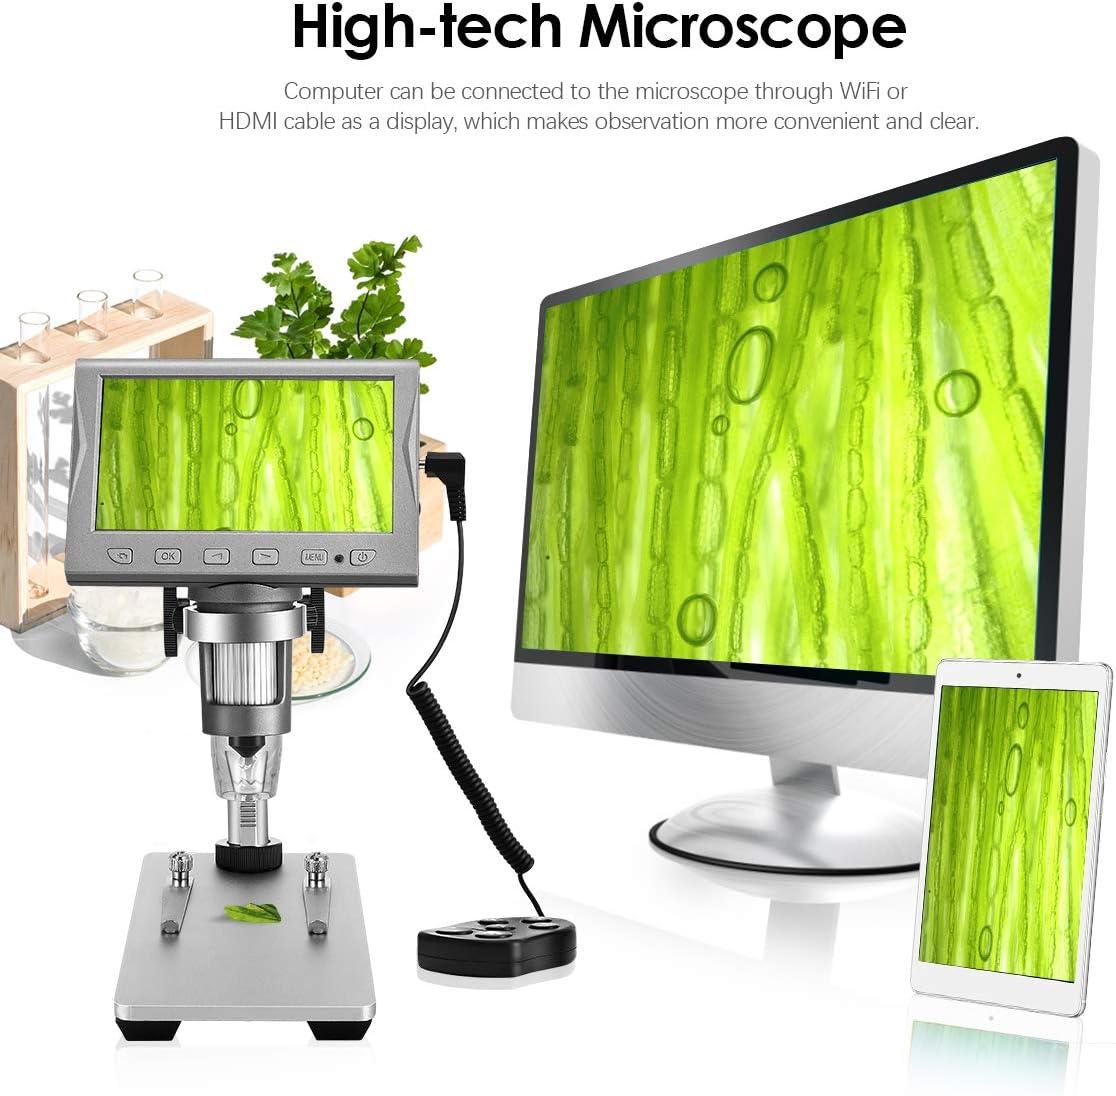 Kacsoo Microscope Num/érique Portable 4,5 Pouces 1080p /écran LCD 500x 2000mah Batterie WiFi Hdmi avec 8 LED r/églables Compatible avec Iphone Android Ipad Computer TV